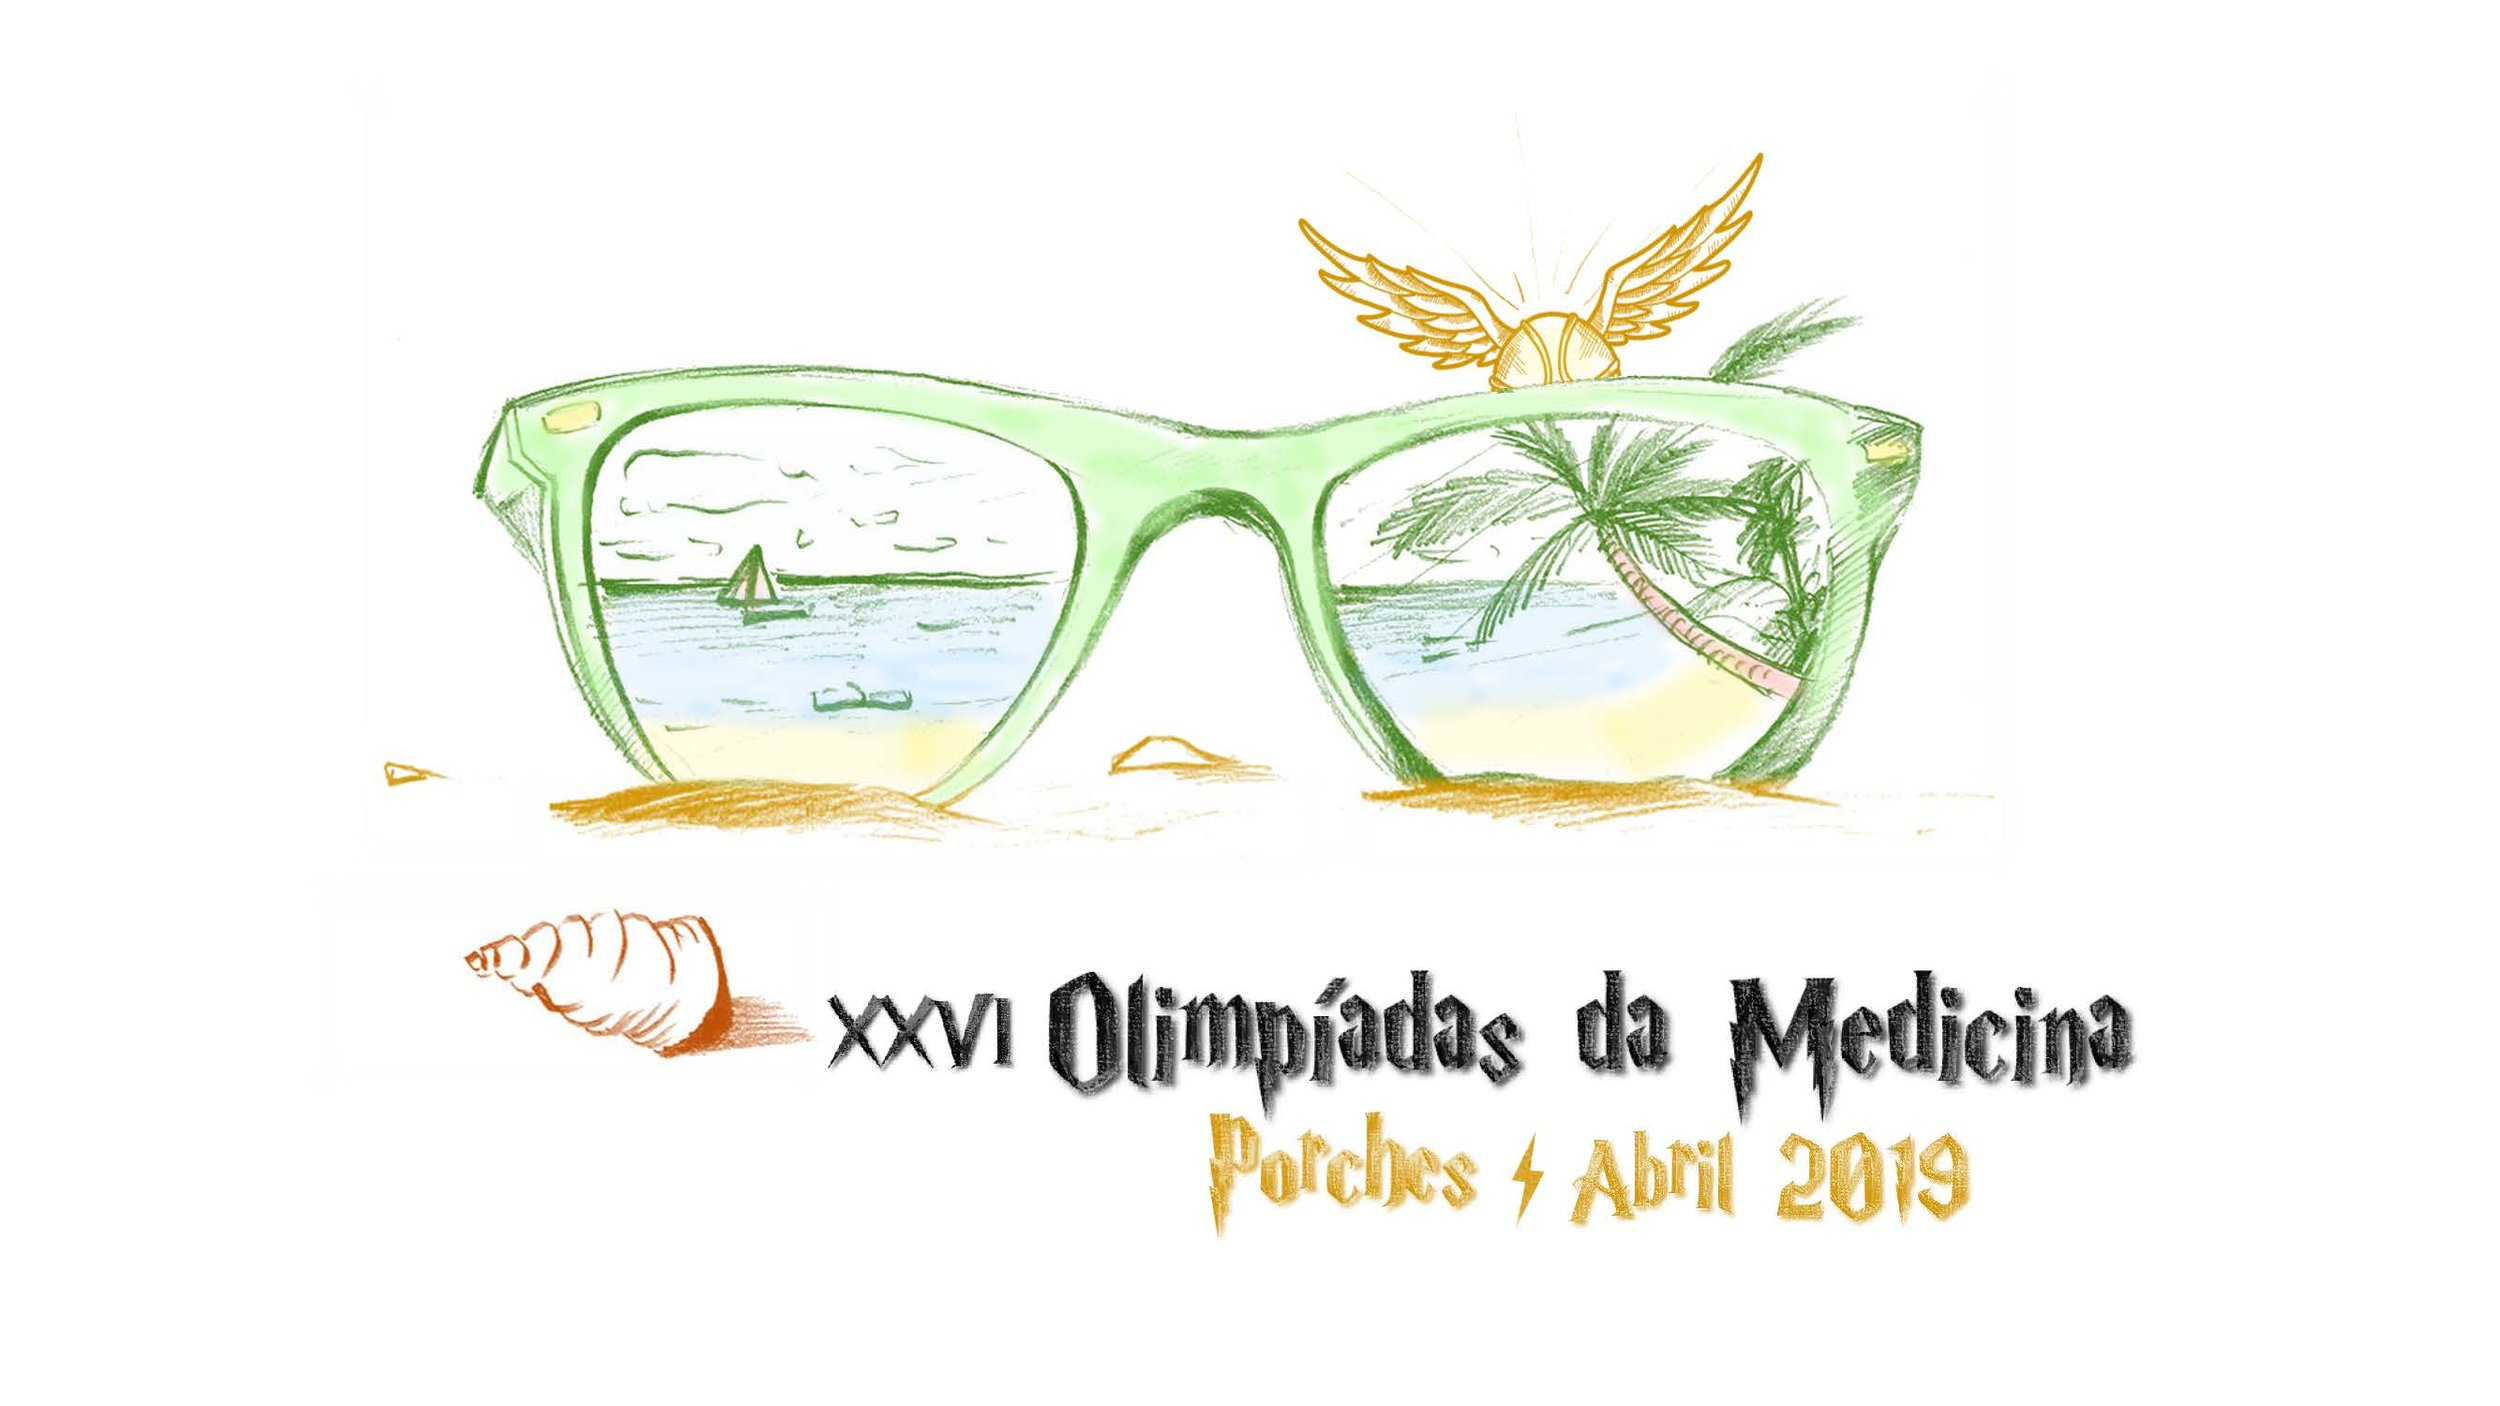 XXVI Olimpiadas da Medicina Desenho.jpg